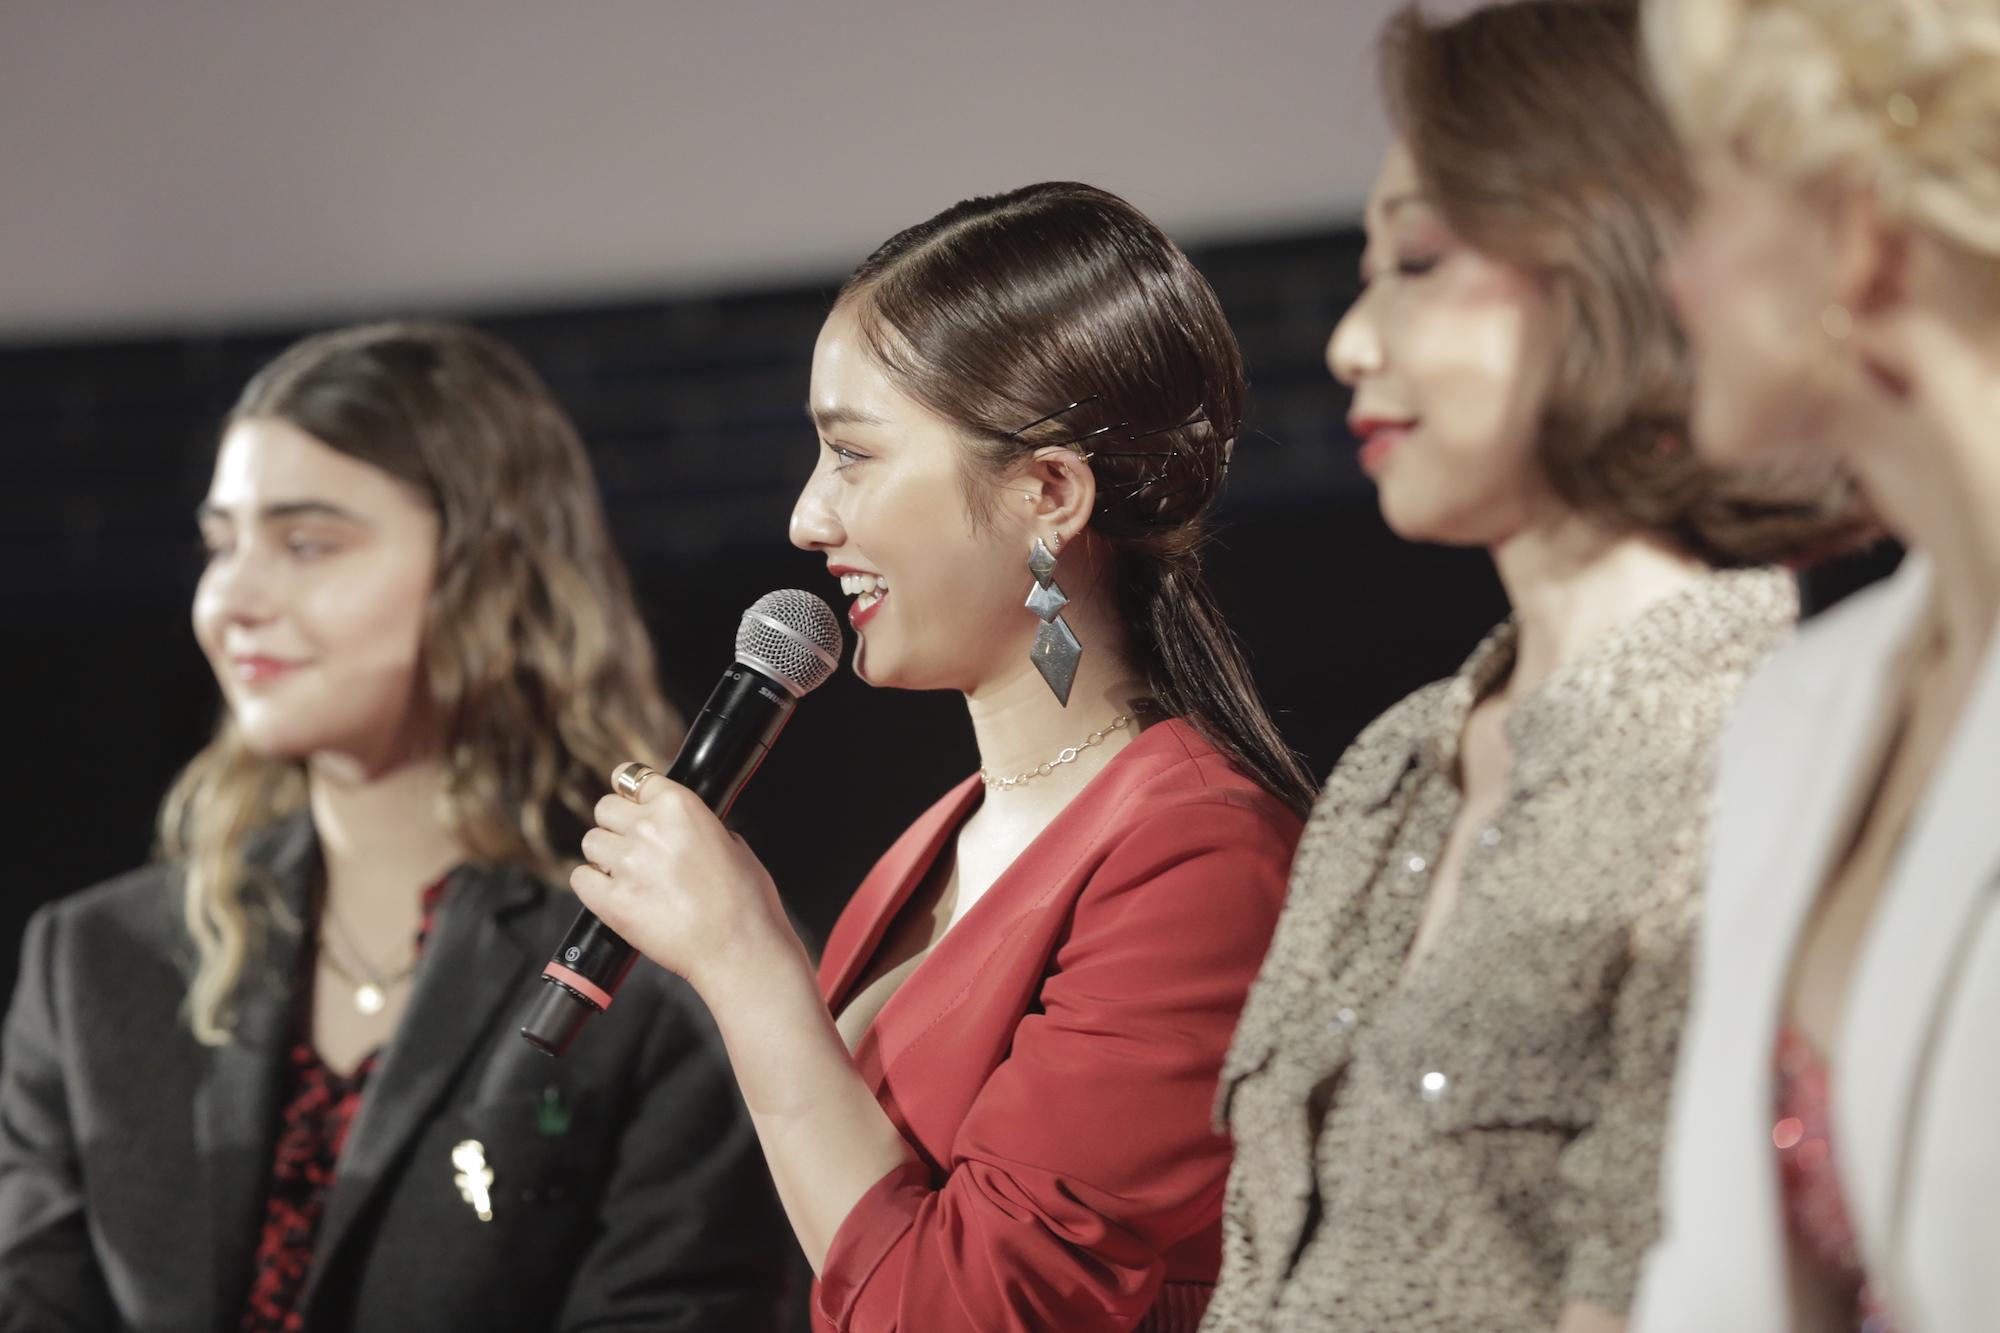 谷まりあ/2020年2月19日、ロレアルパリ新製品「ブリリアントシグネチャー」発売記念ブランドイベント